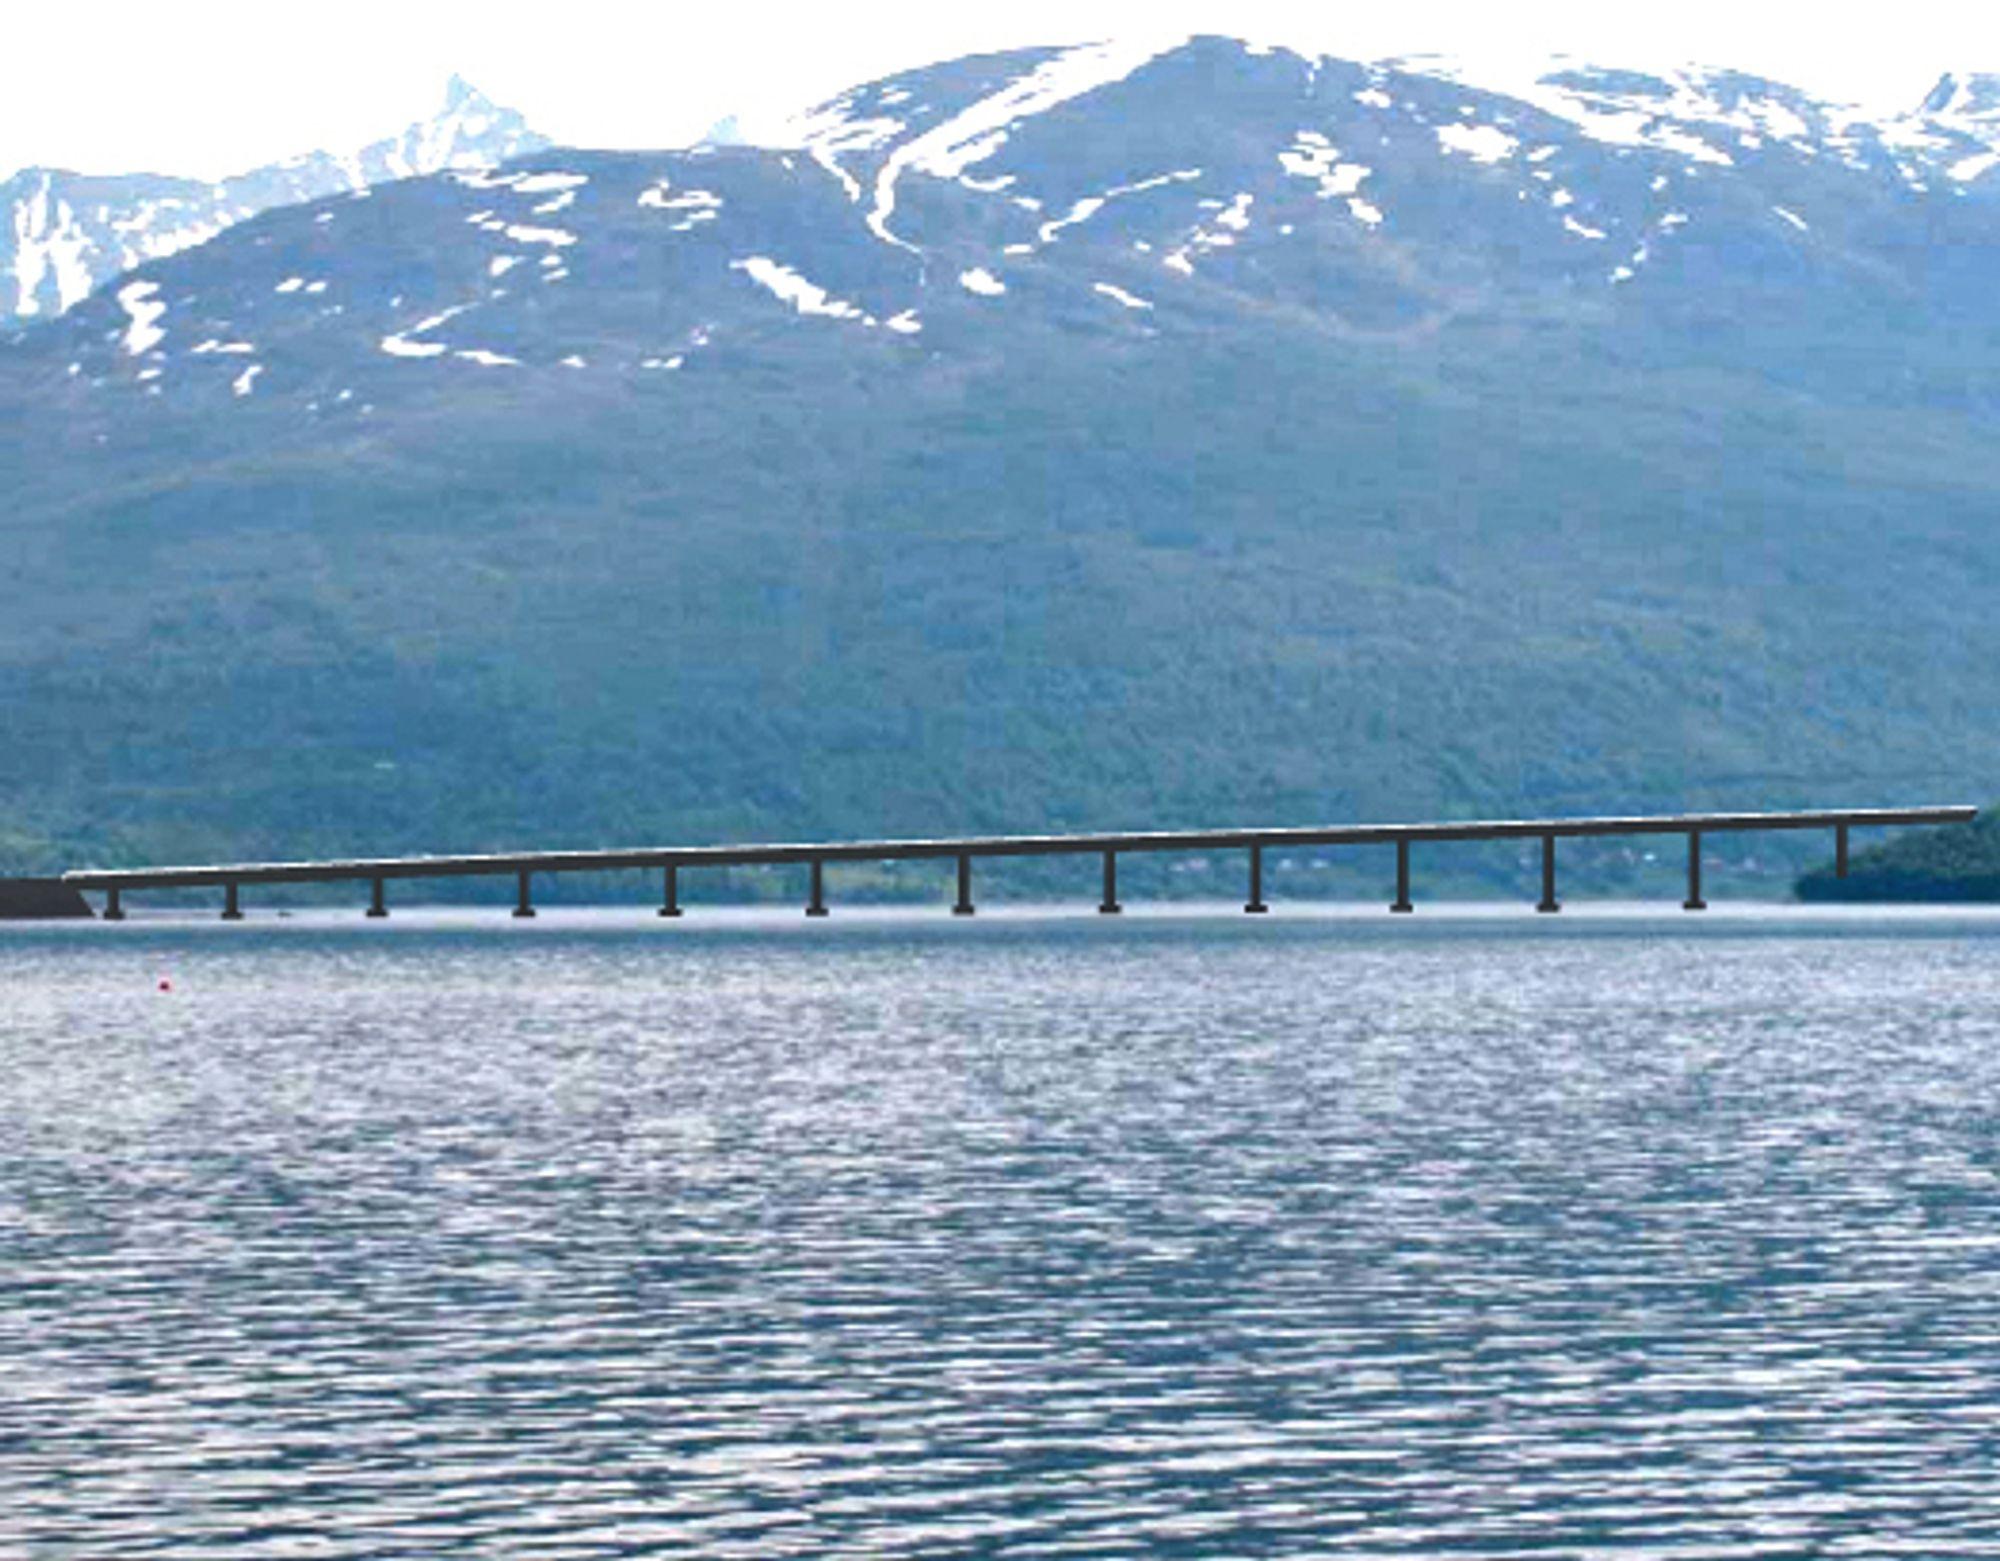 Omtrent slik vil Ramfjorden bru se ut. Med en maksimal dybde i brutraséen på 36 meter er det liten grunn til å tro at en bru med lange spenn vil bli foretrukket.